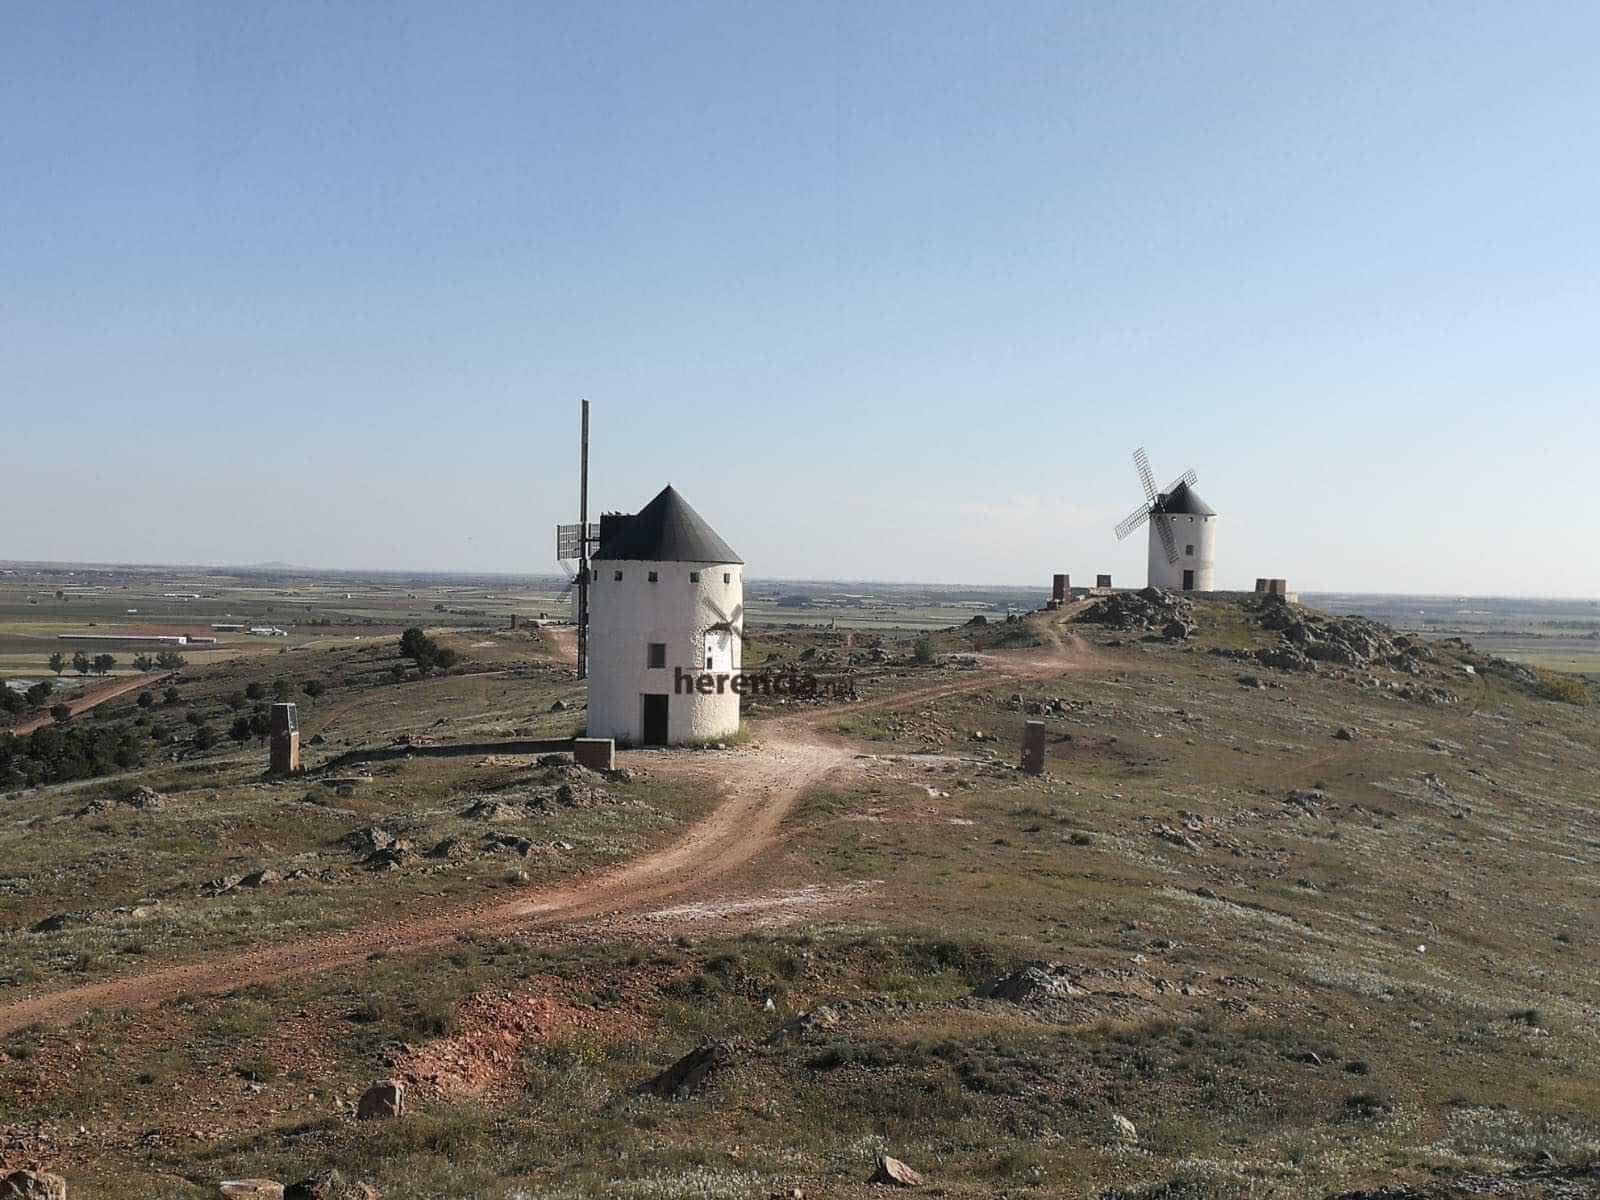 Herencia en el concurso para elegir El Pueblo más bonito de Castilla-La Mancha 2020 31